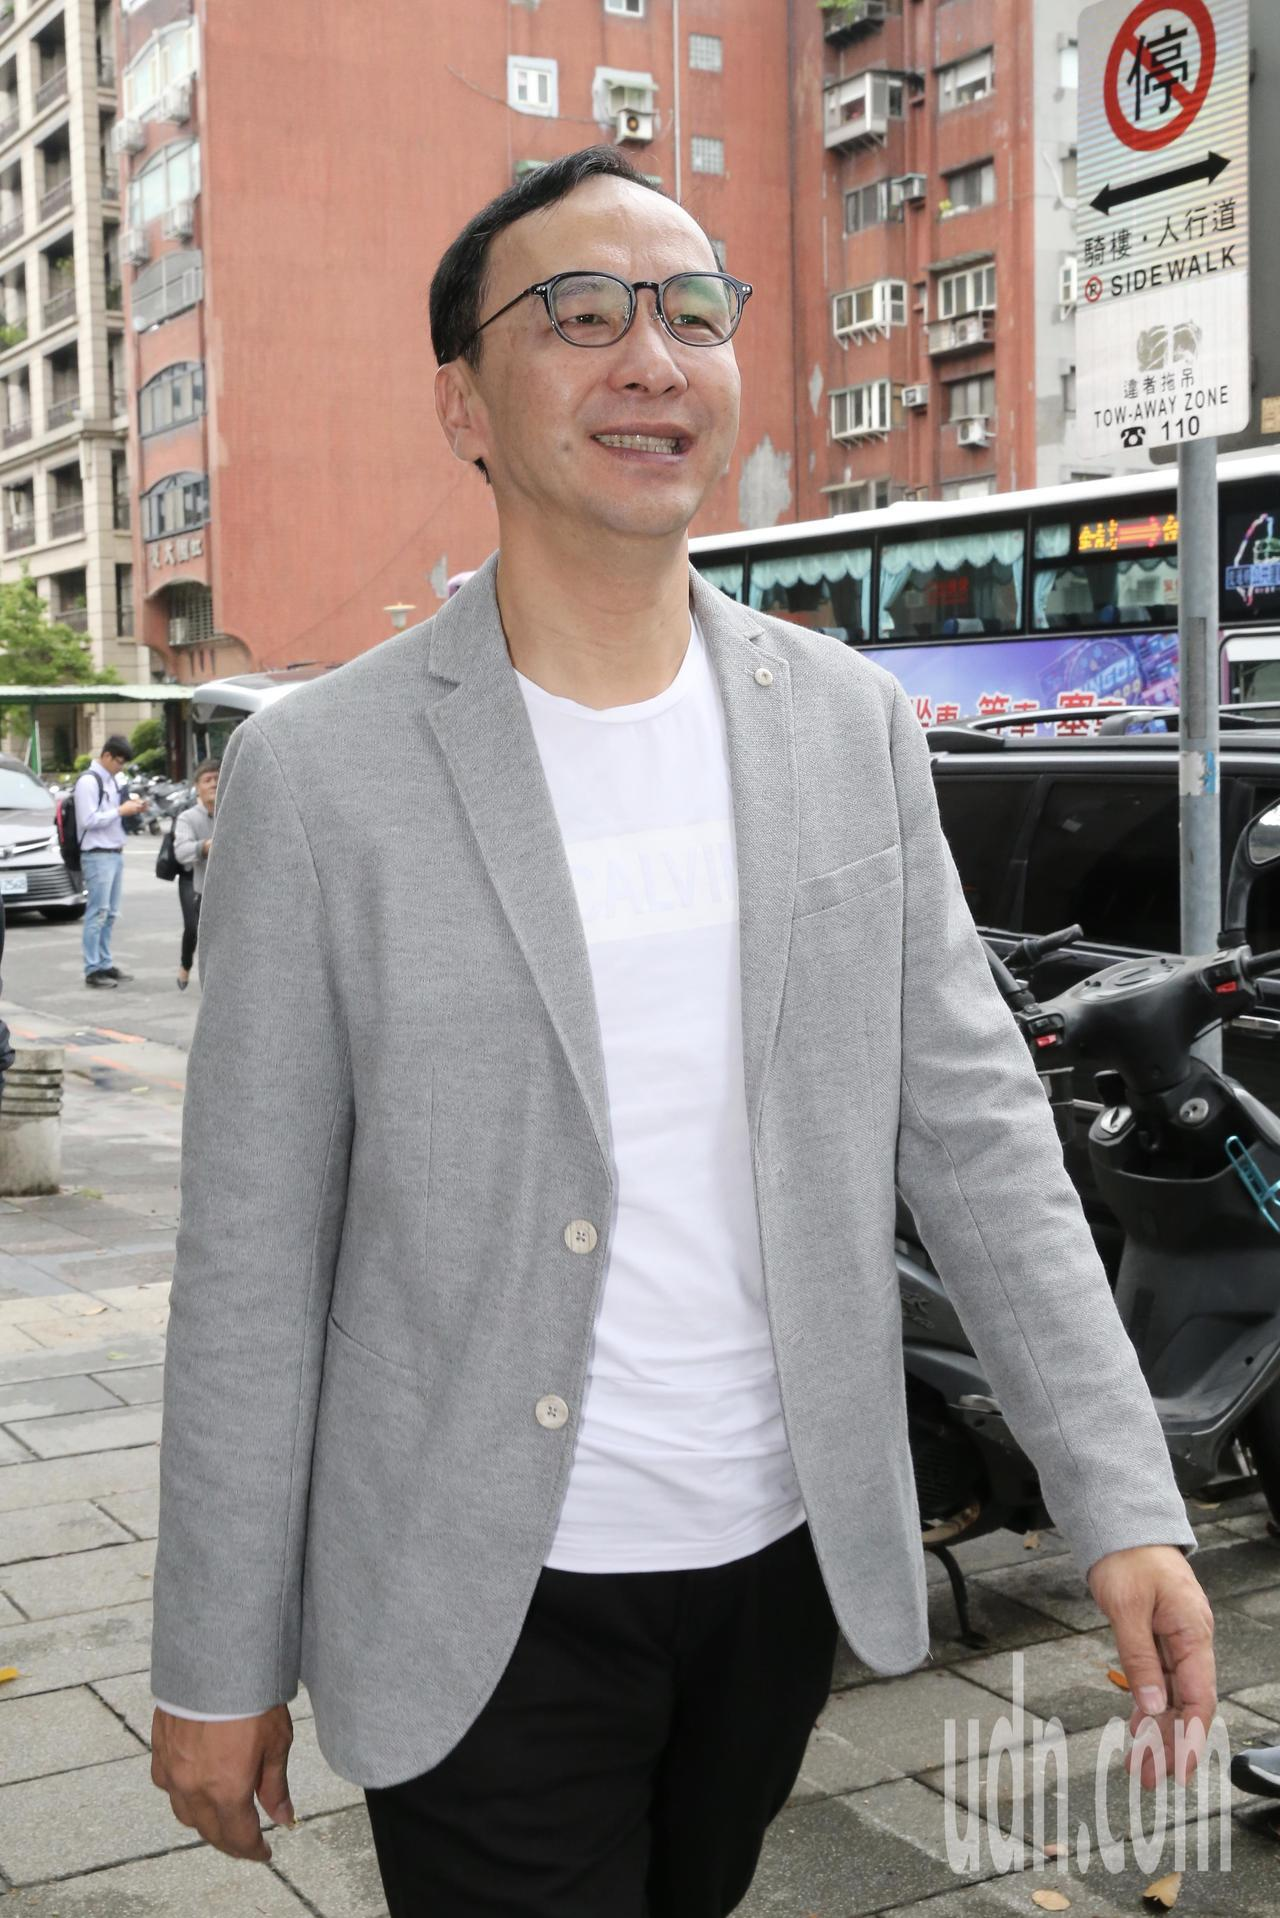 新北市前市長朱立倫上午出席「雲林時刻」地方創生特展開幕活動。記者許正宏/攝影